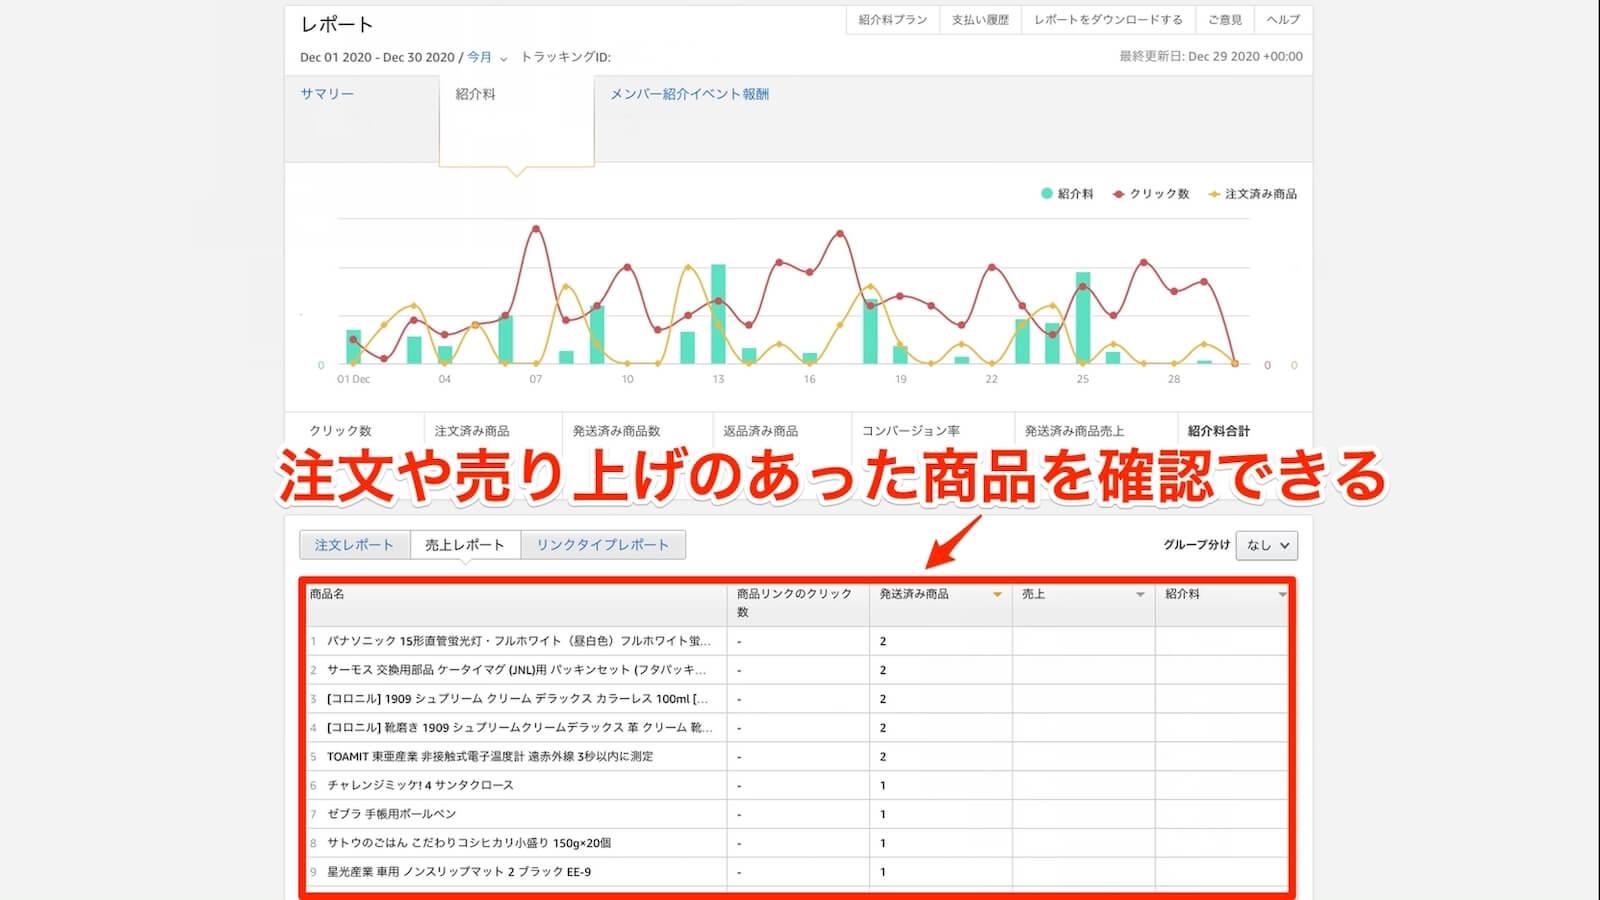 Amazon Associate Sales Report Screen Capture